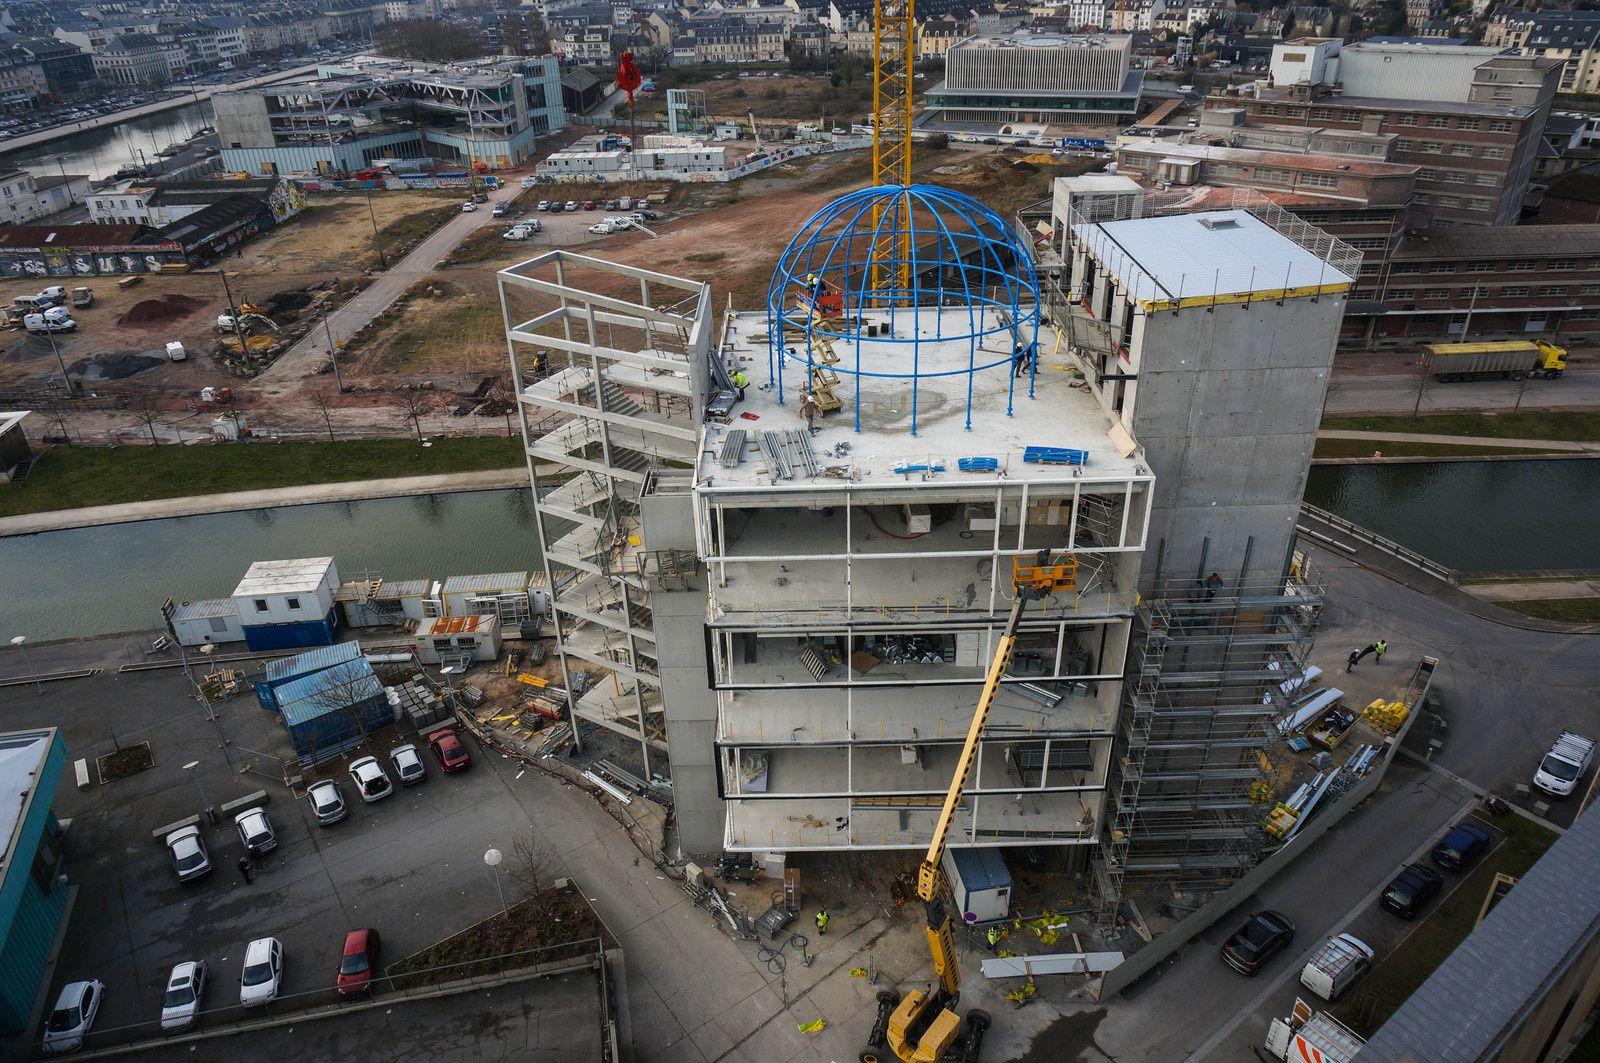 La pose du dôme de la Maison de la Recherche et de l'Imagination de Caen s'est déroulée aujourd'hui, à plus de 30m du sol. Photo aérienne François Monier